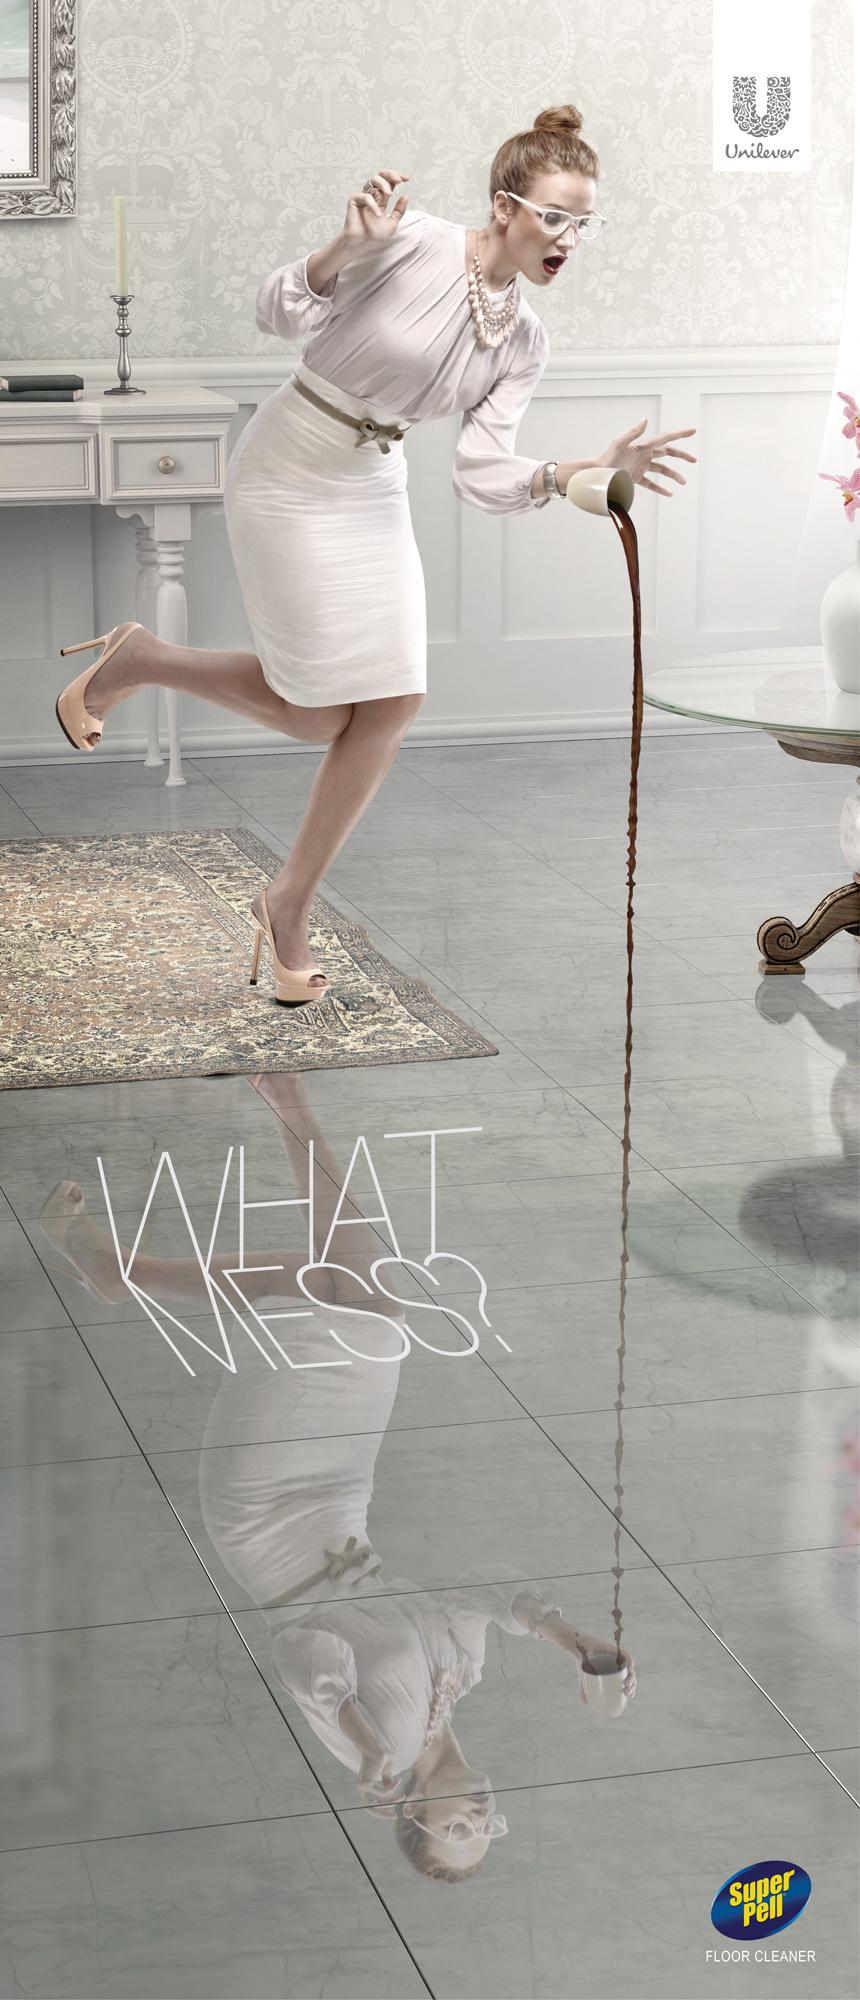 Super_Pell_Floor_Cleaner_1_cotw